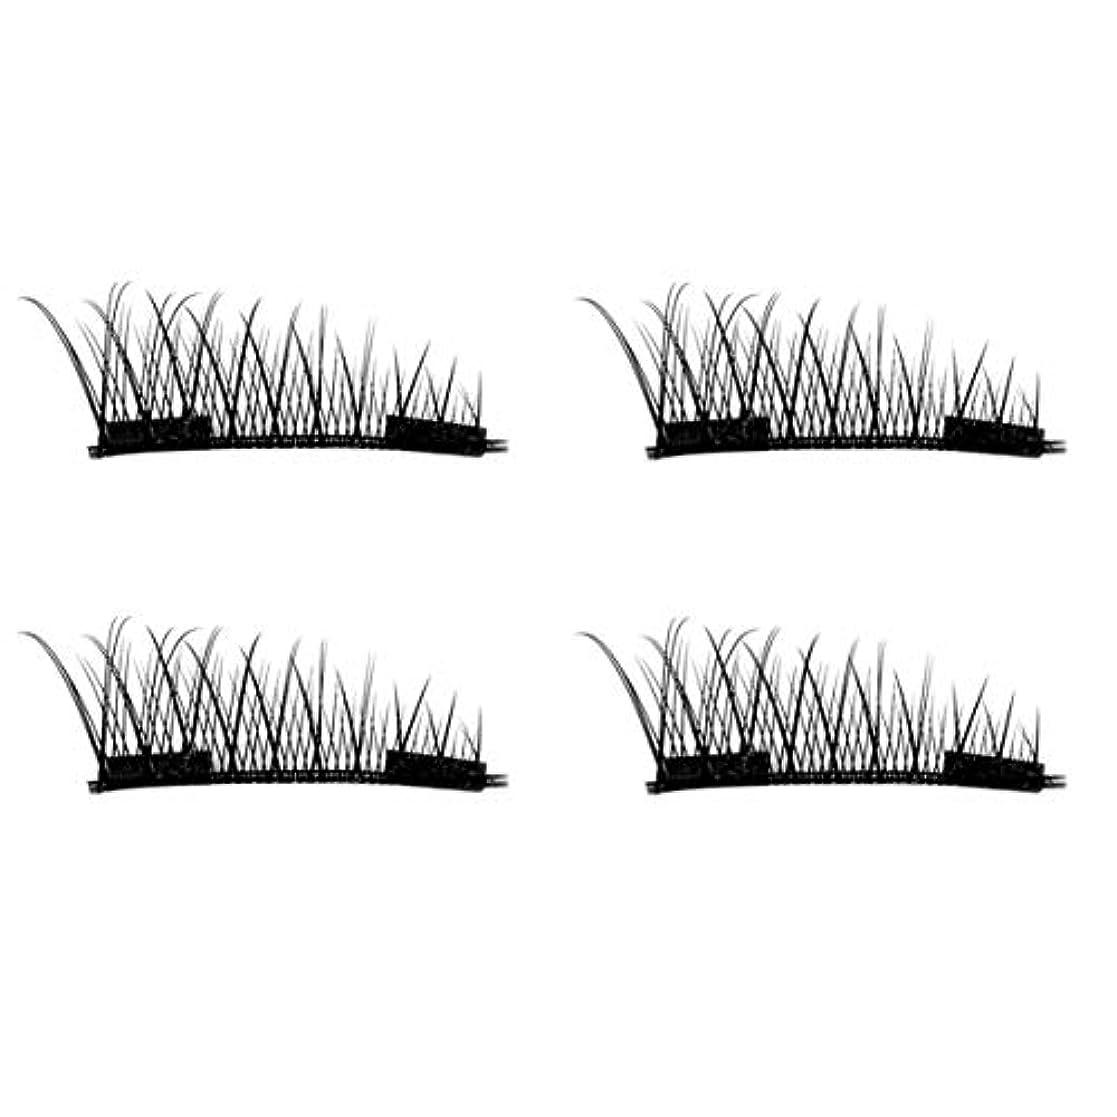 独裁者効能あるビヨンIntercorey 4PCS / 2ペアナチュラルシックアイまつ毛のりのない3D磁気女性アイメイク美容シックロングつけまつげ